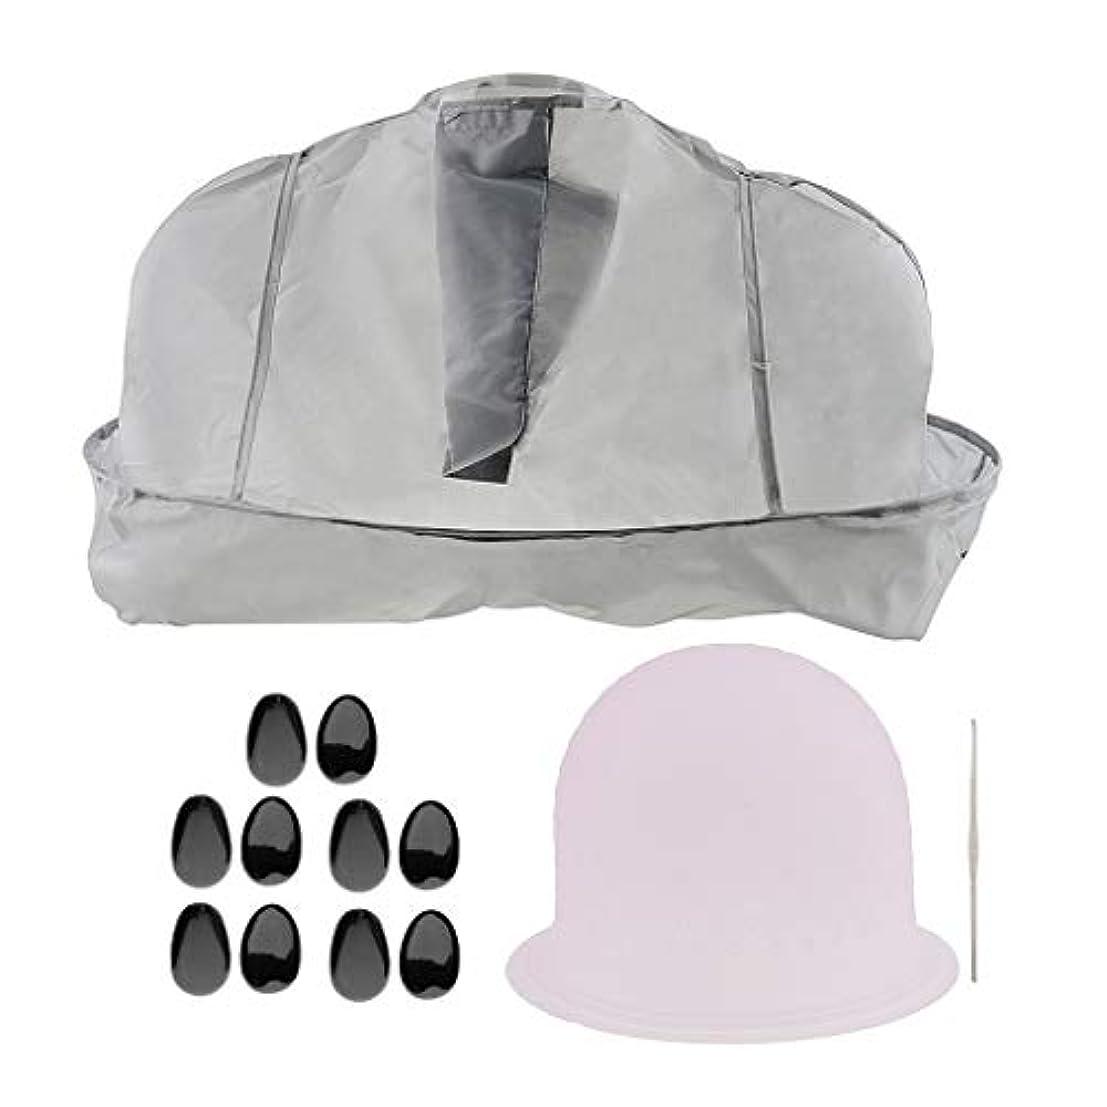 振る舞う前書きアクセサリーF Fityle ヘアティントキャップ メタルフック 美容ケープ 髪染め耳カバー サロン